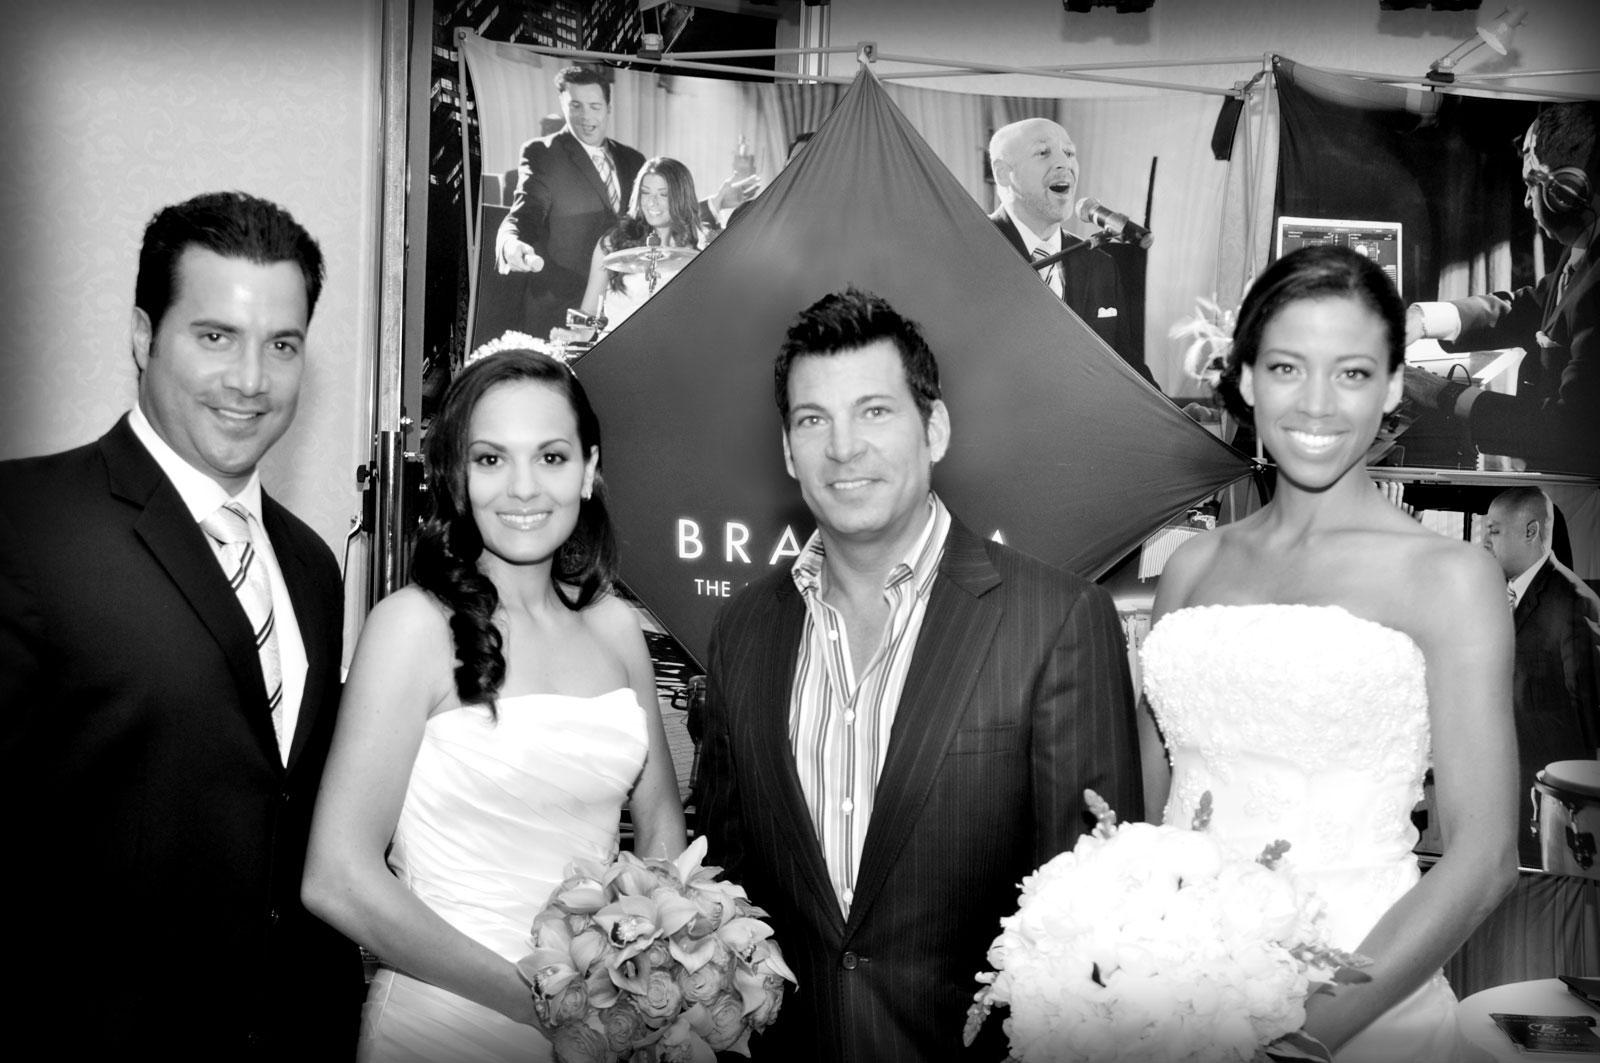 David Tutera With Mc Tony And 2 Model Brides